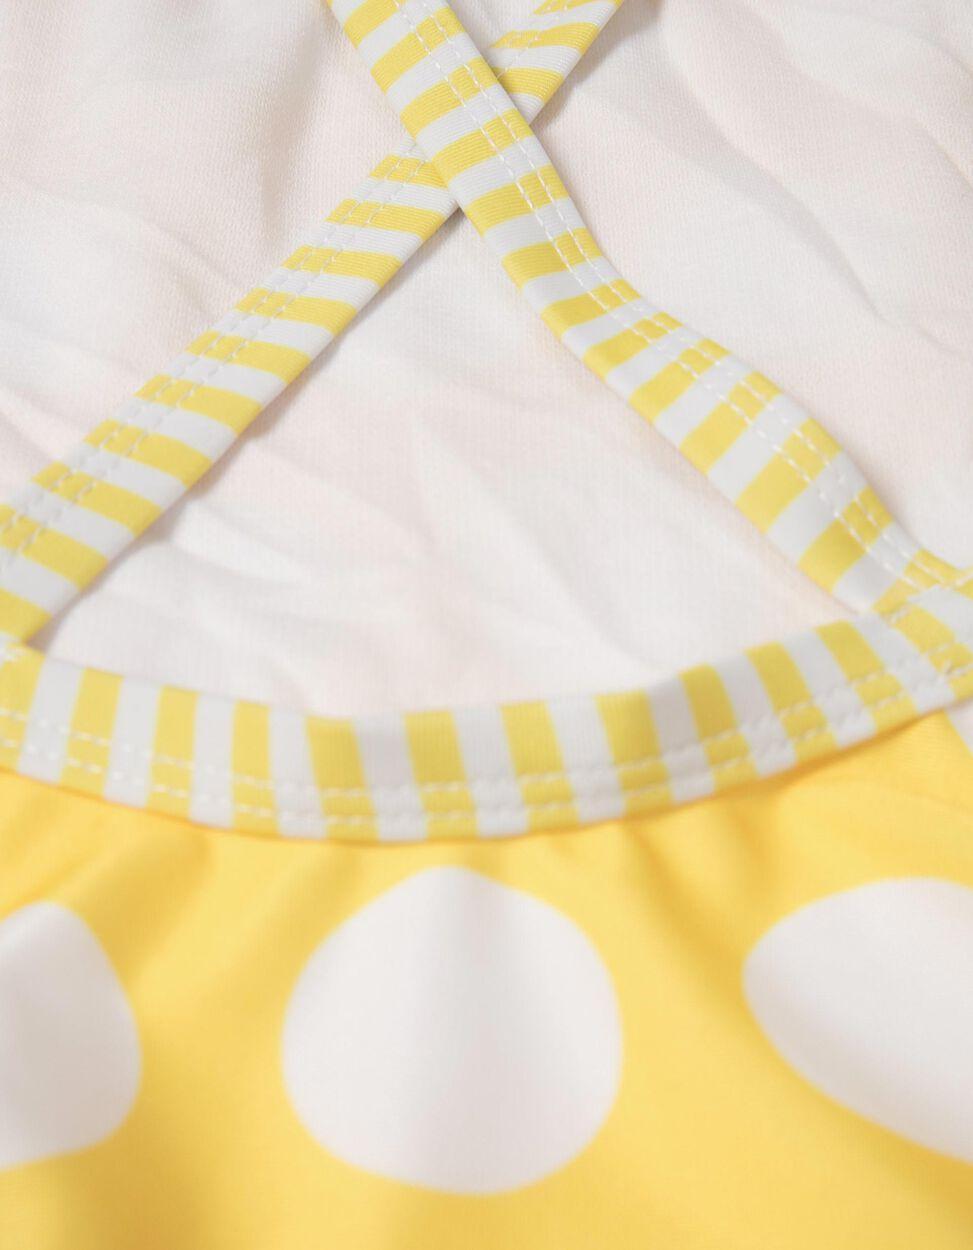 Fato de Banho Riscas & Bolas Amarelo